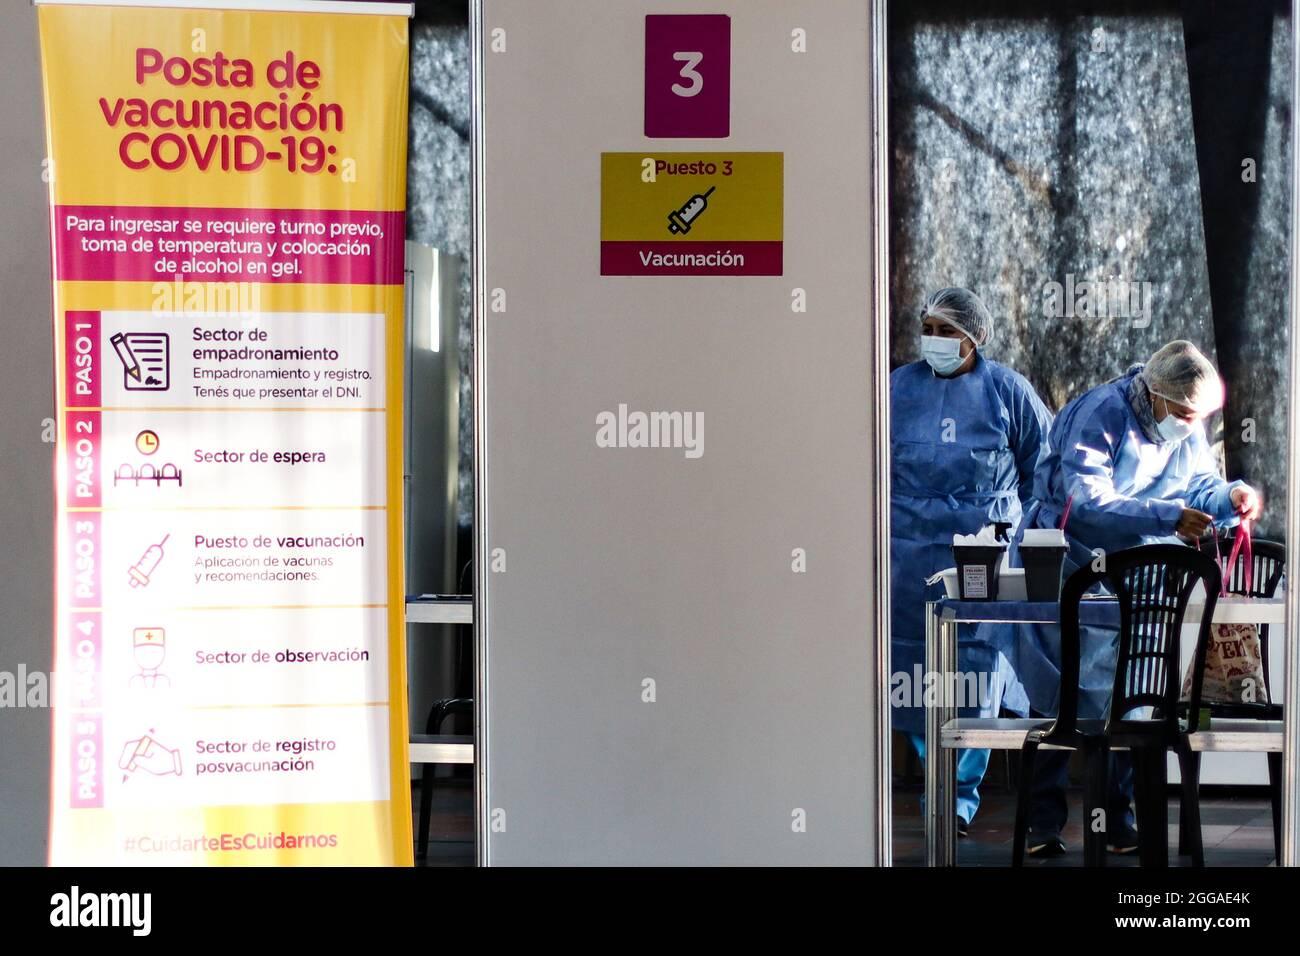 BUENOS AIRES, 30.08.2021: Un puesto de vacunación recibe adultos para aplicar la segunda dosis de la vacuna Sputnik V contra Covid-19. Foto de stock